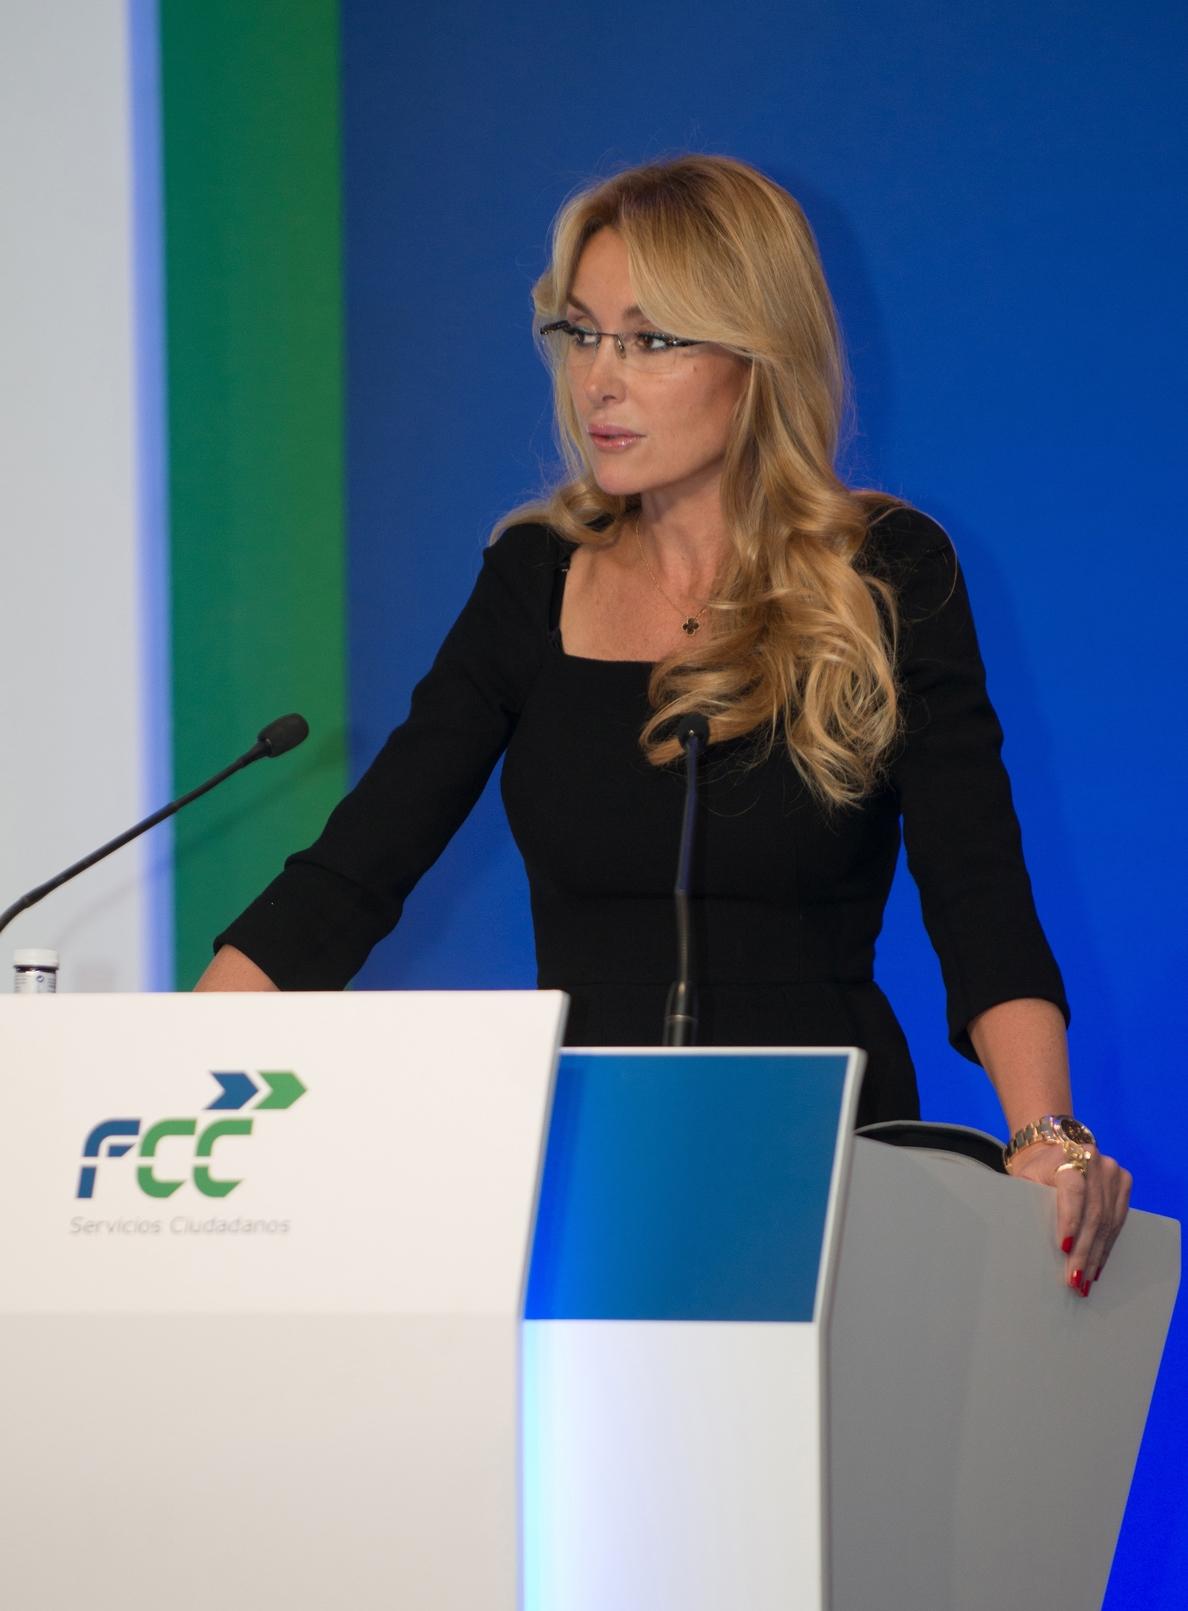 FCC vuelve a beneficios al ganar 6,2 millones en el primer trimestre